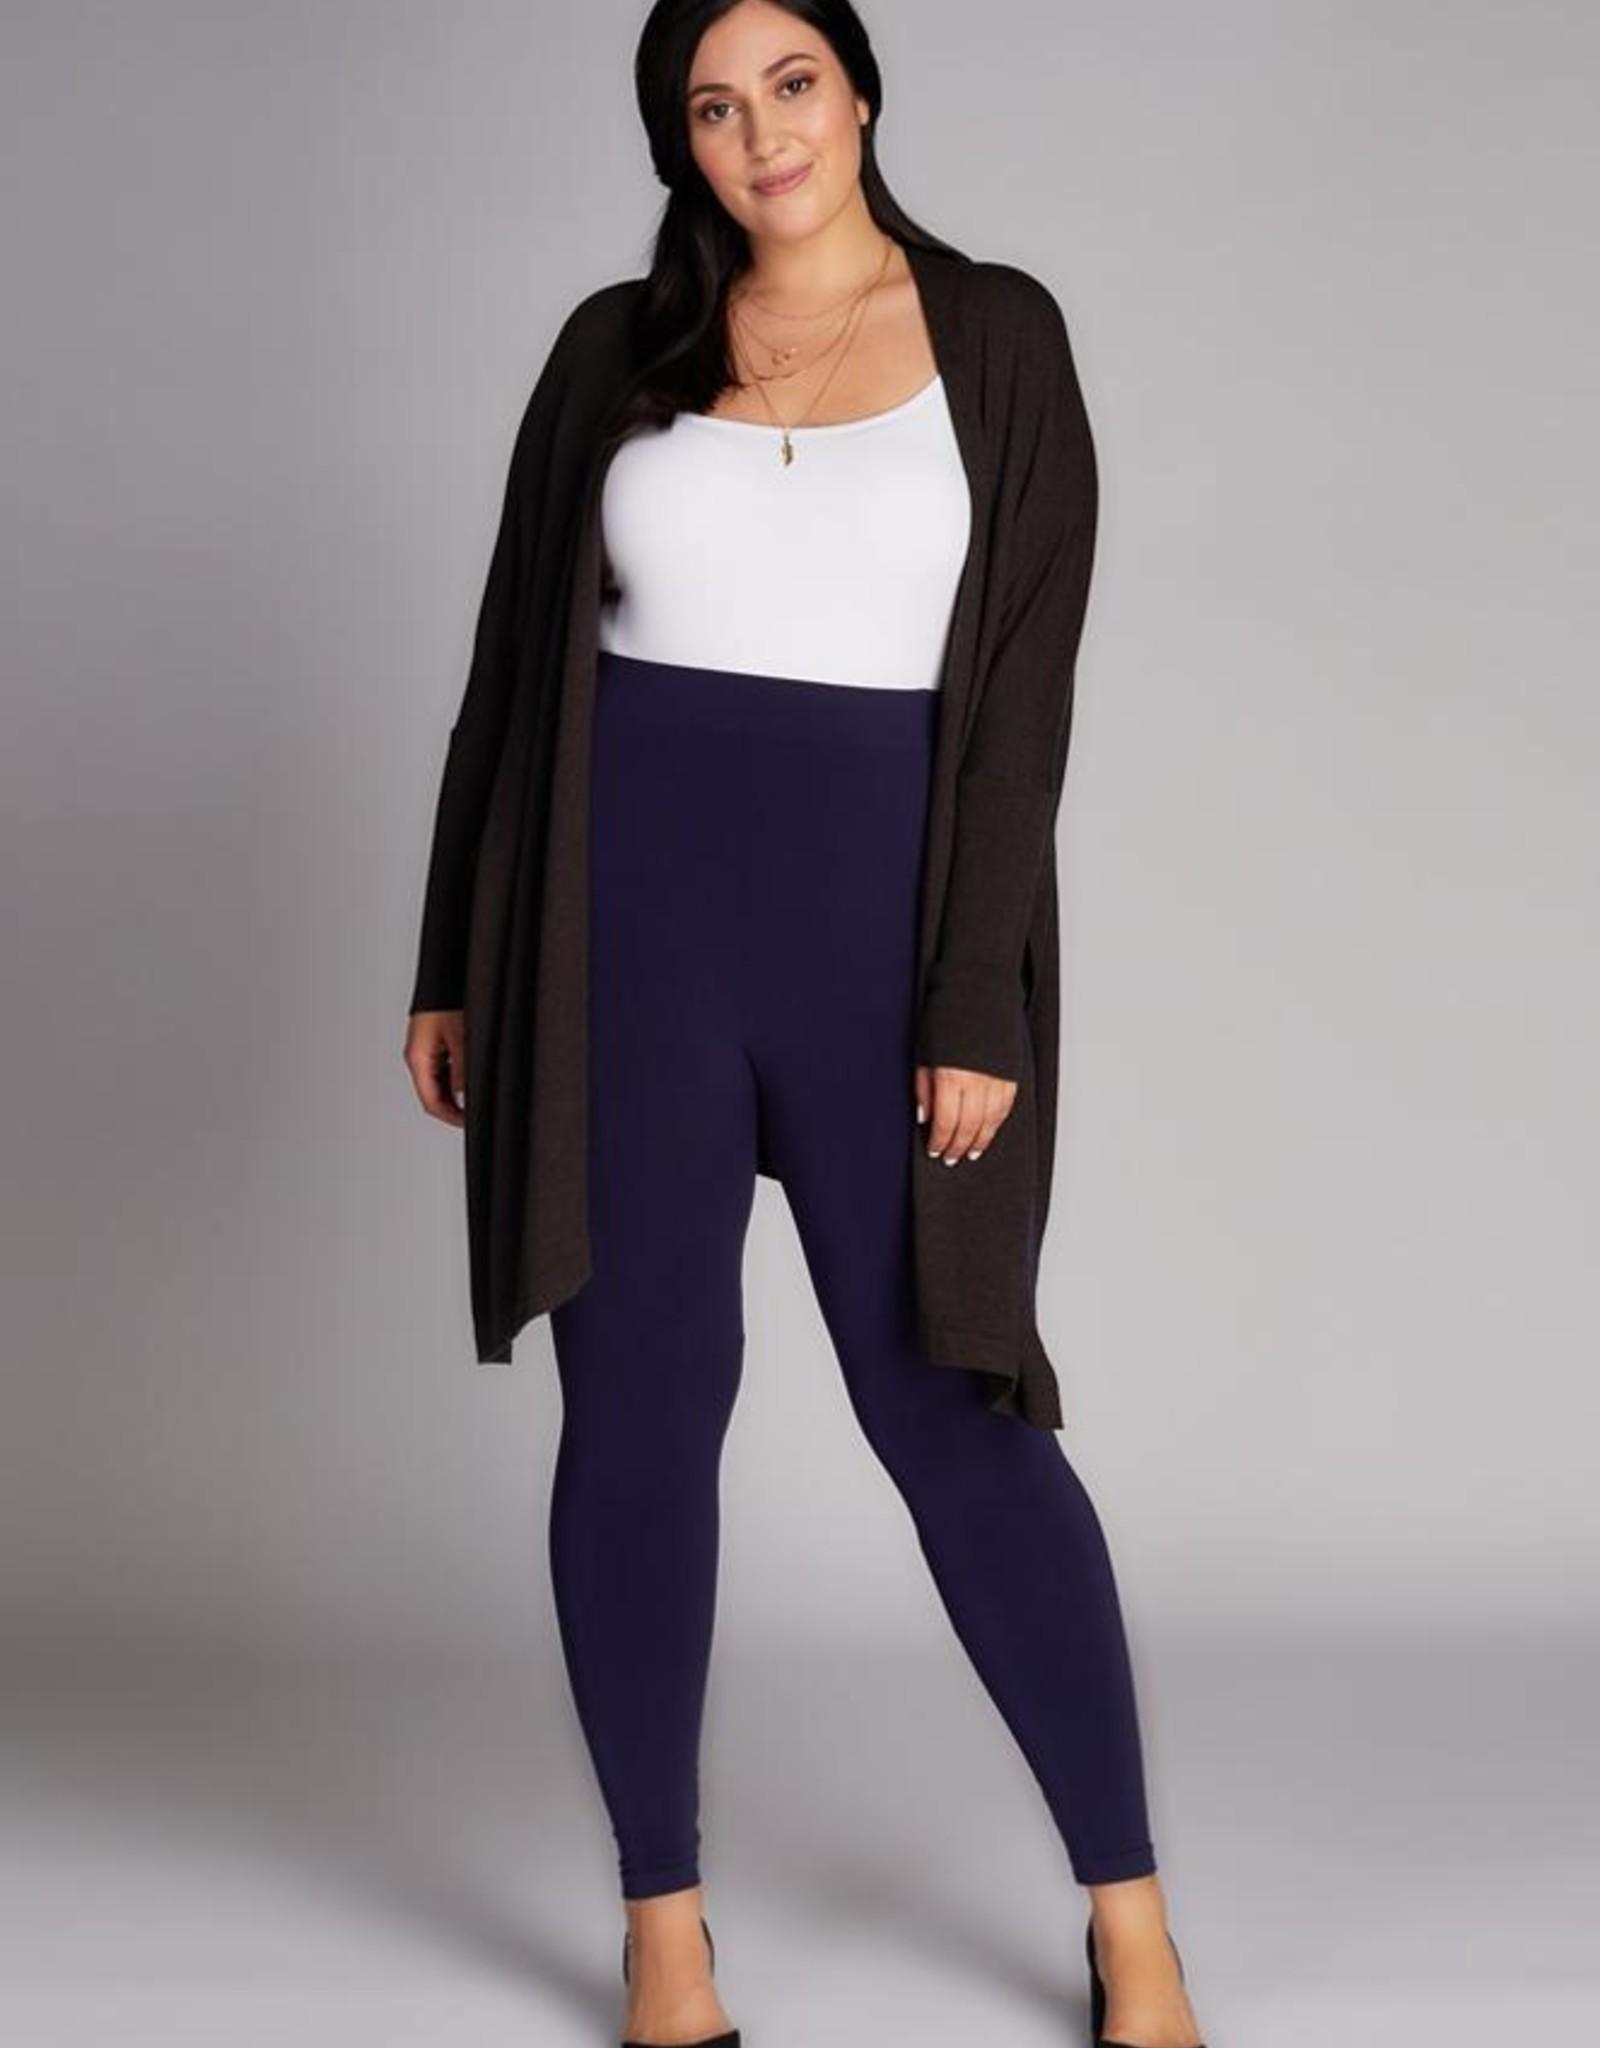 Bamboo Plus Size Full Length Legging